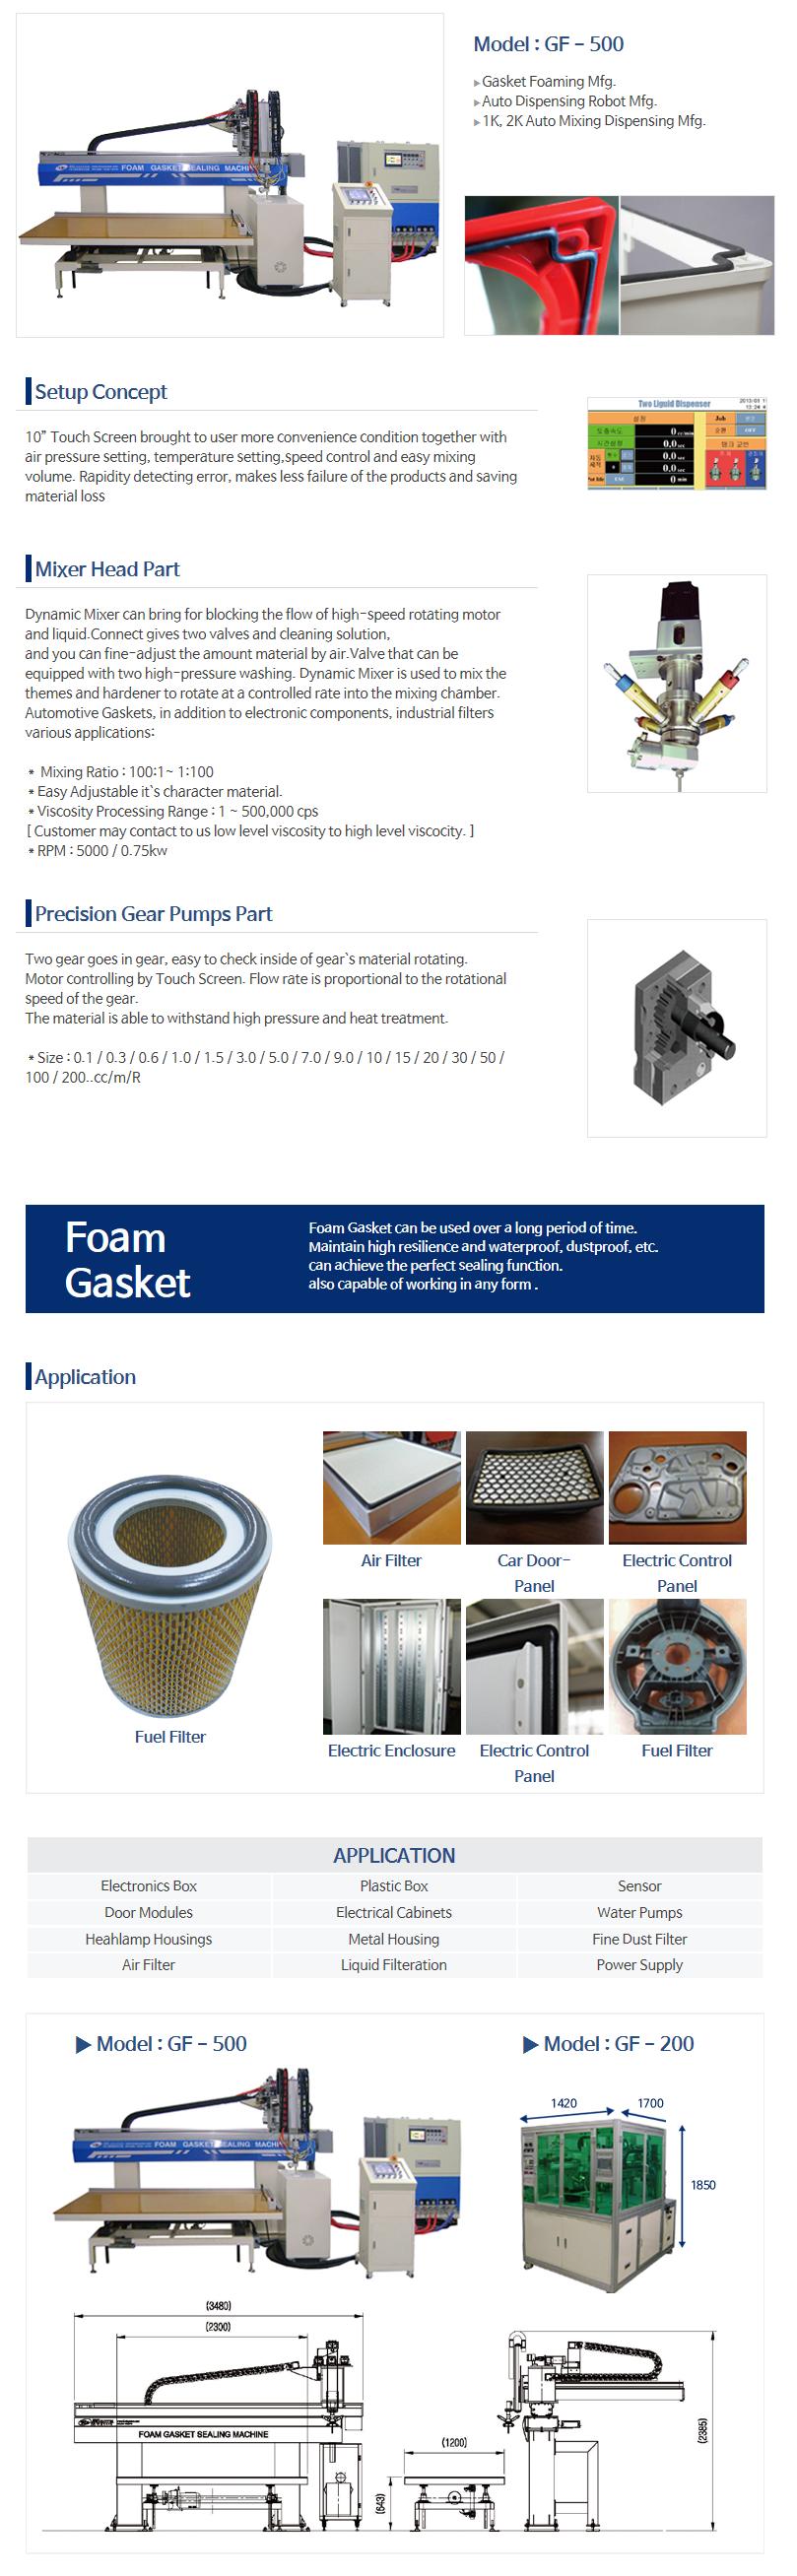 KNDSYSTEM 2K Foam Gasket Sealing GF-500/200